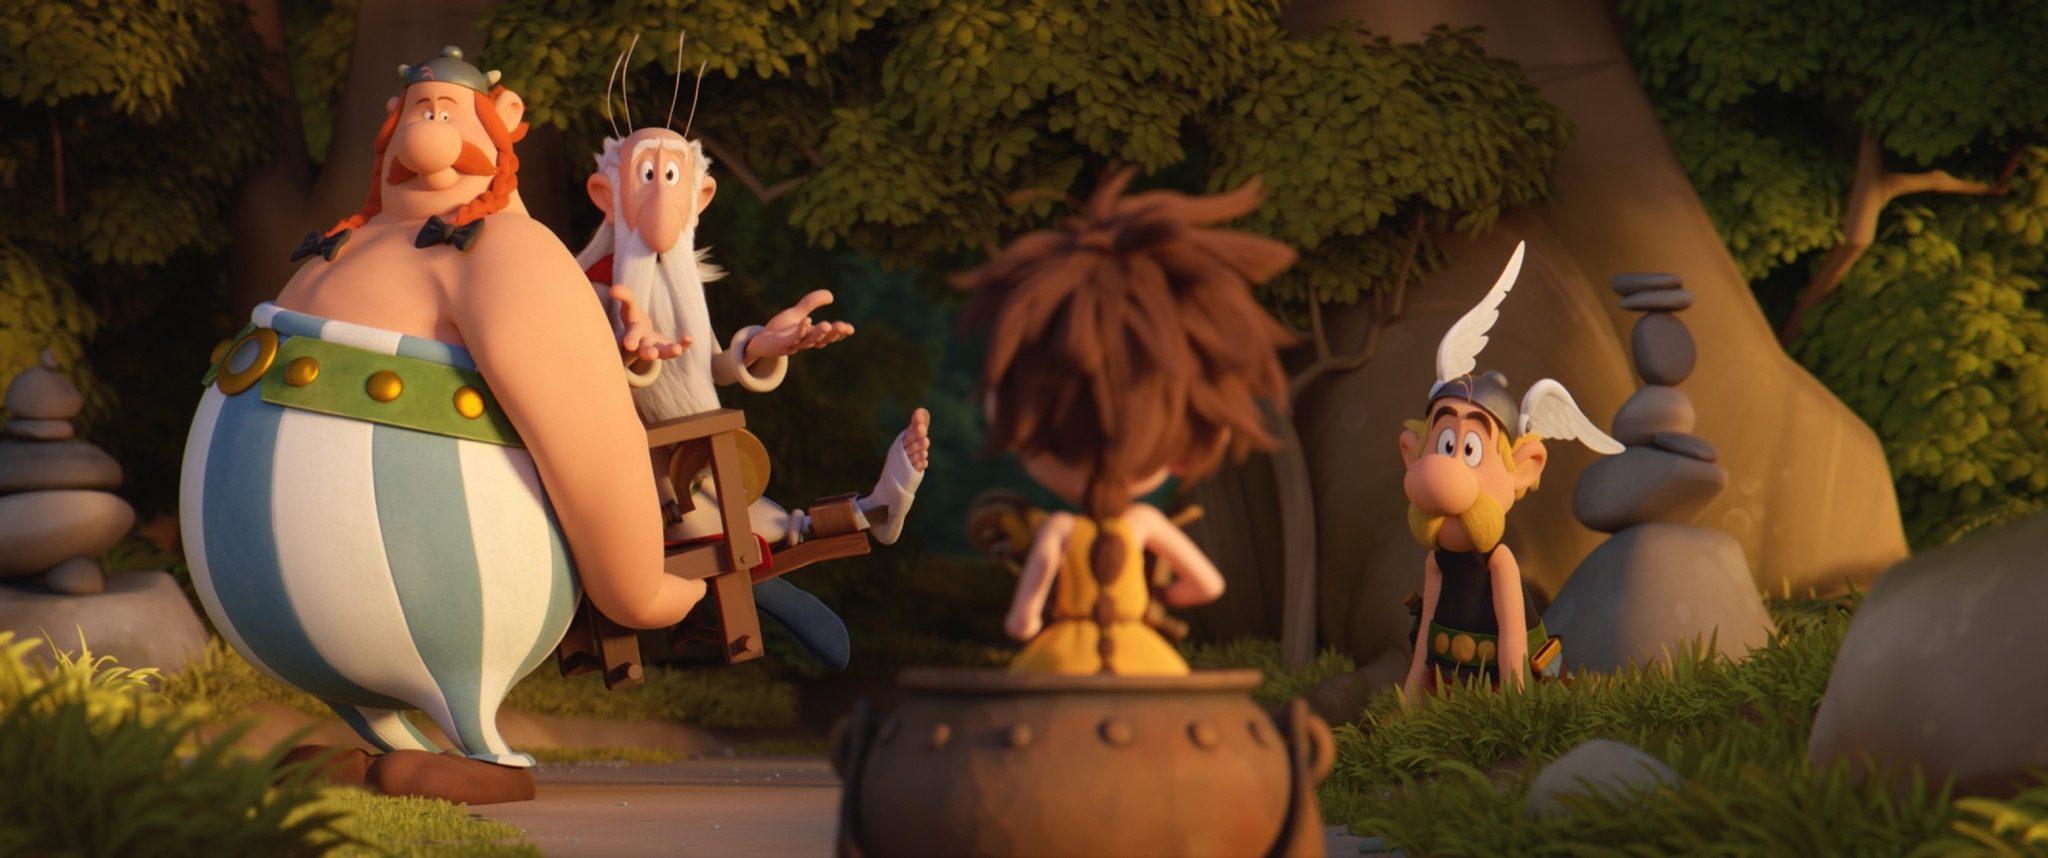 ASTERIX - LE SECRET DE LA POTION MAGIQUE d'Alexandre Astier et Louis Clichy image film